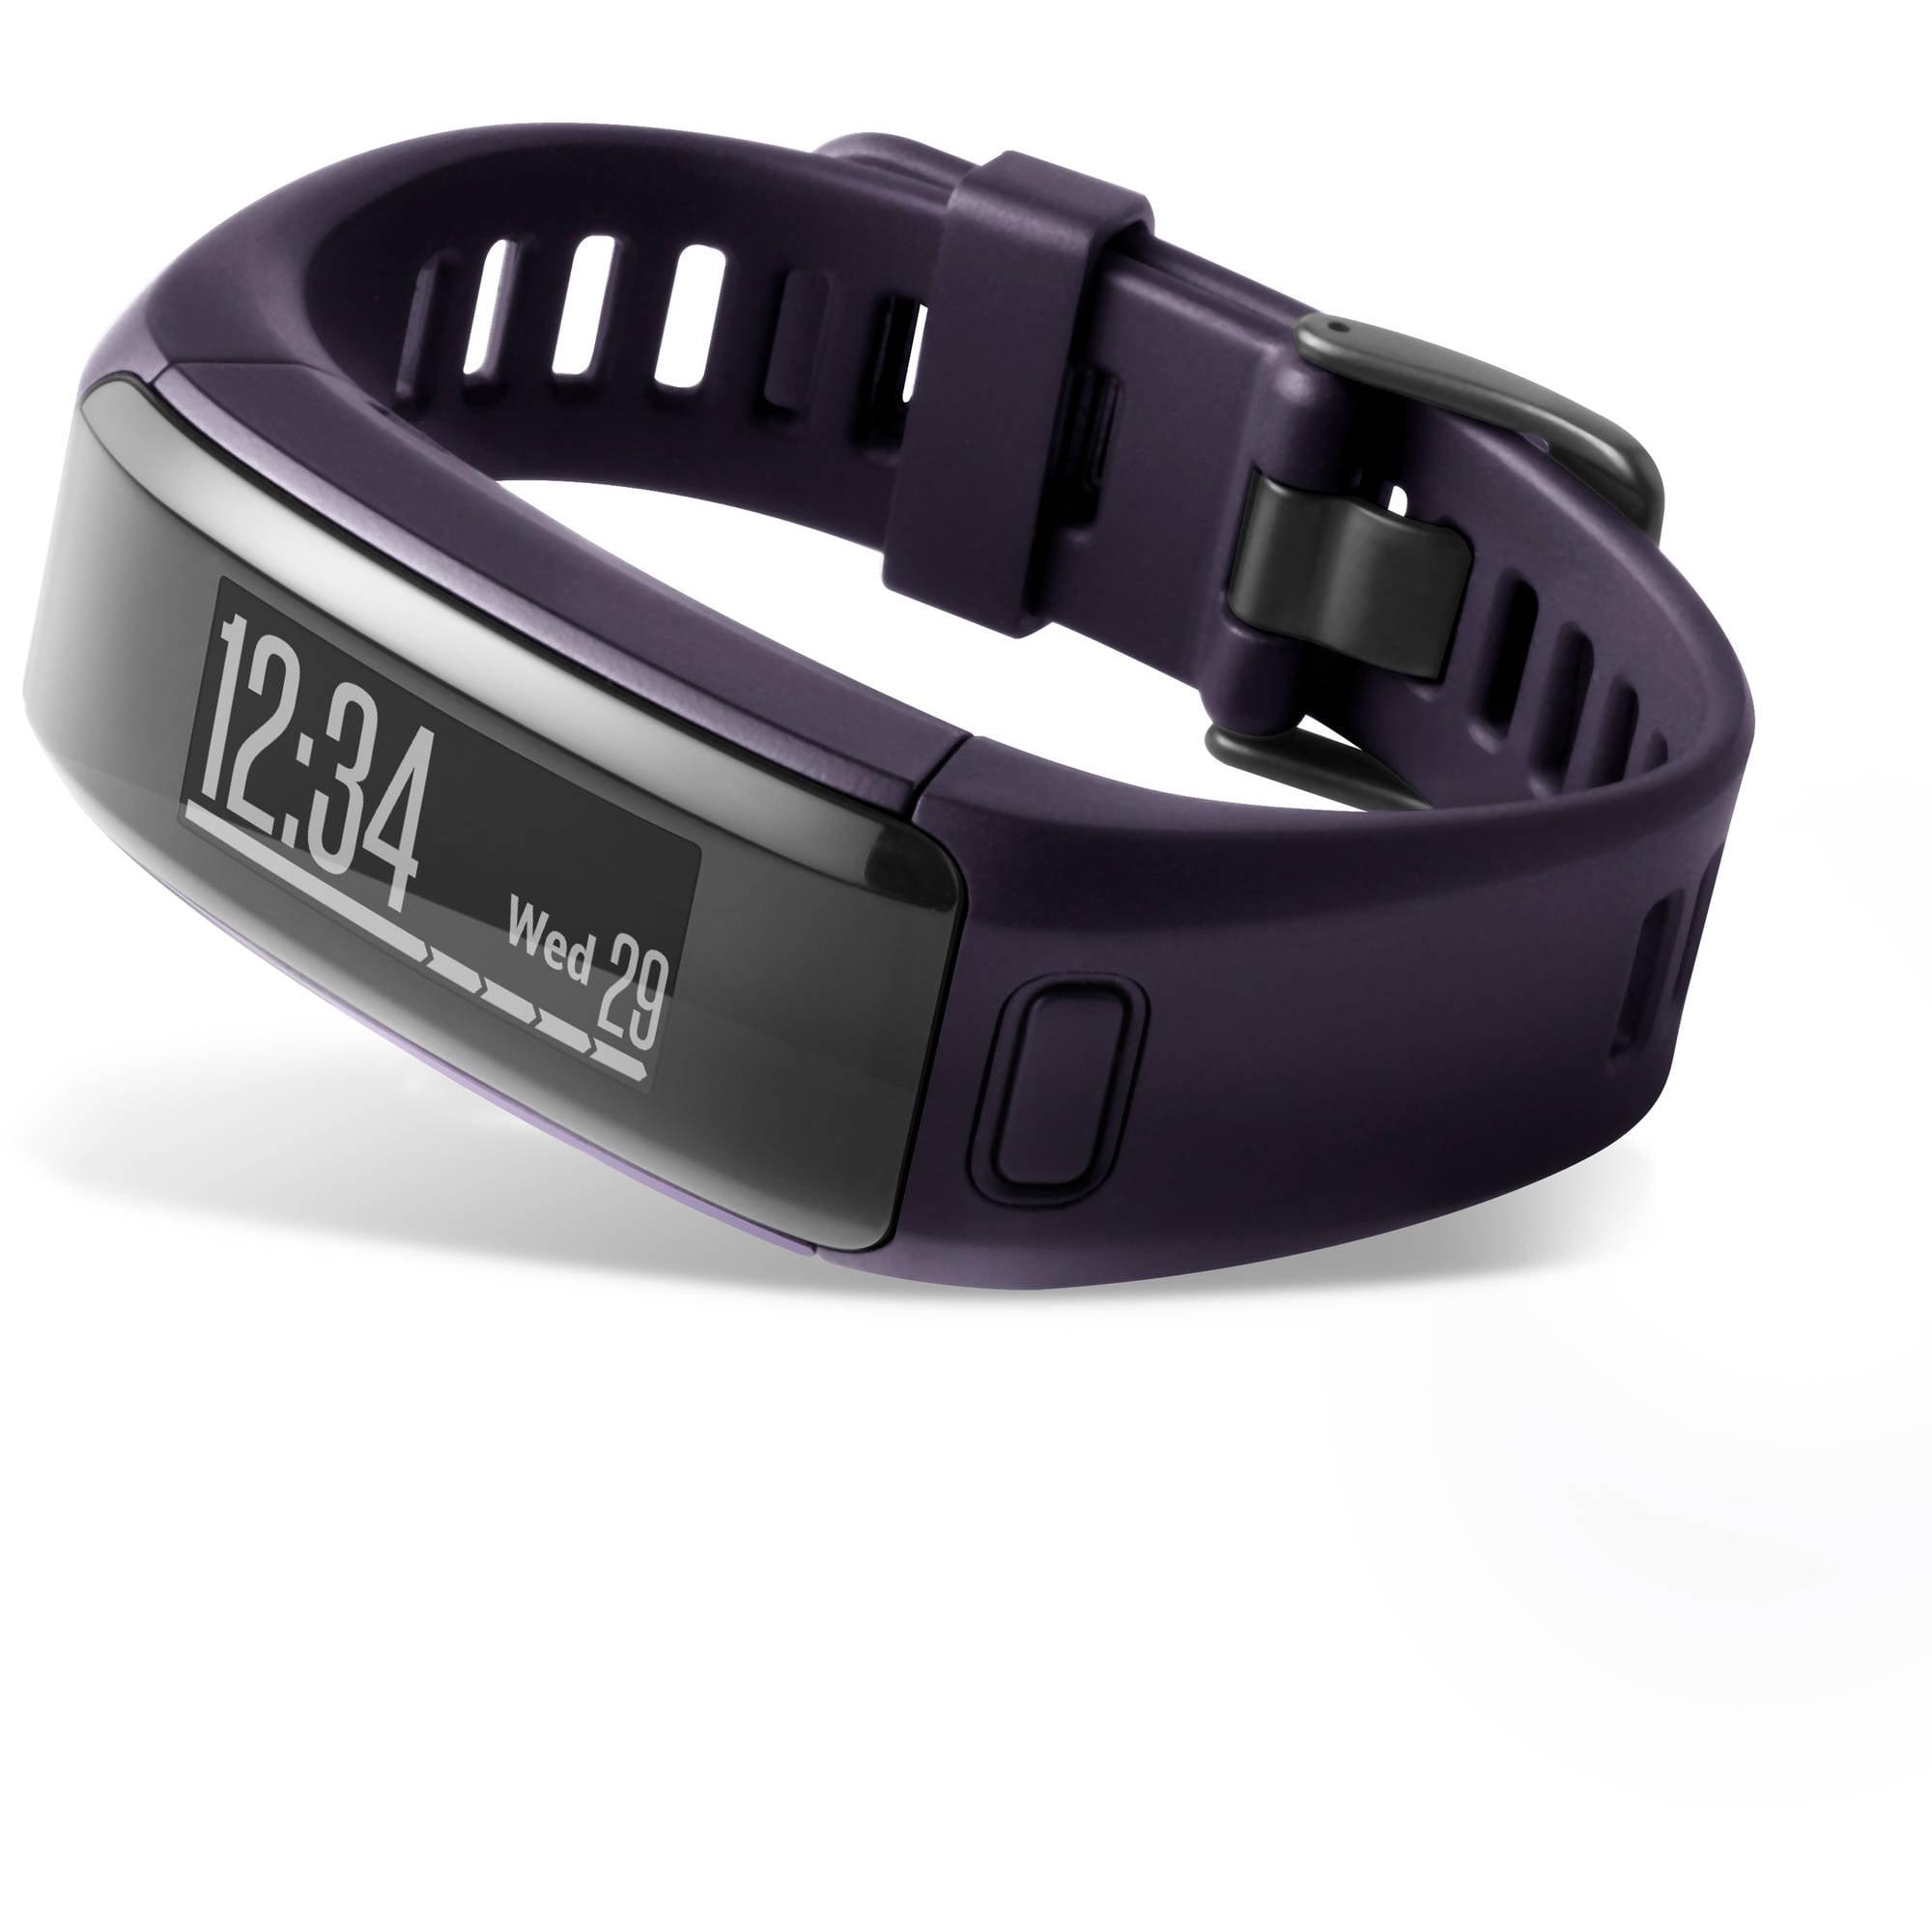 Garmin vivosmart HR, Regular fit, Imperial Purple